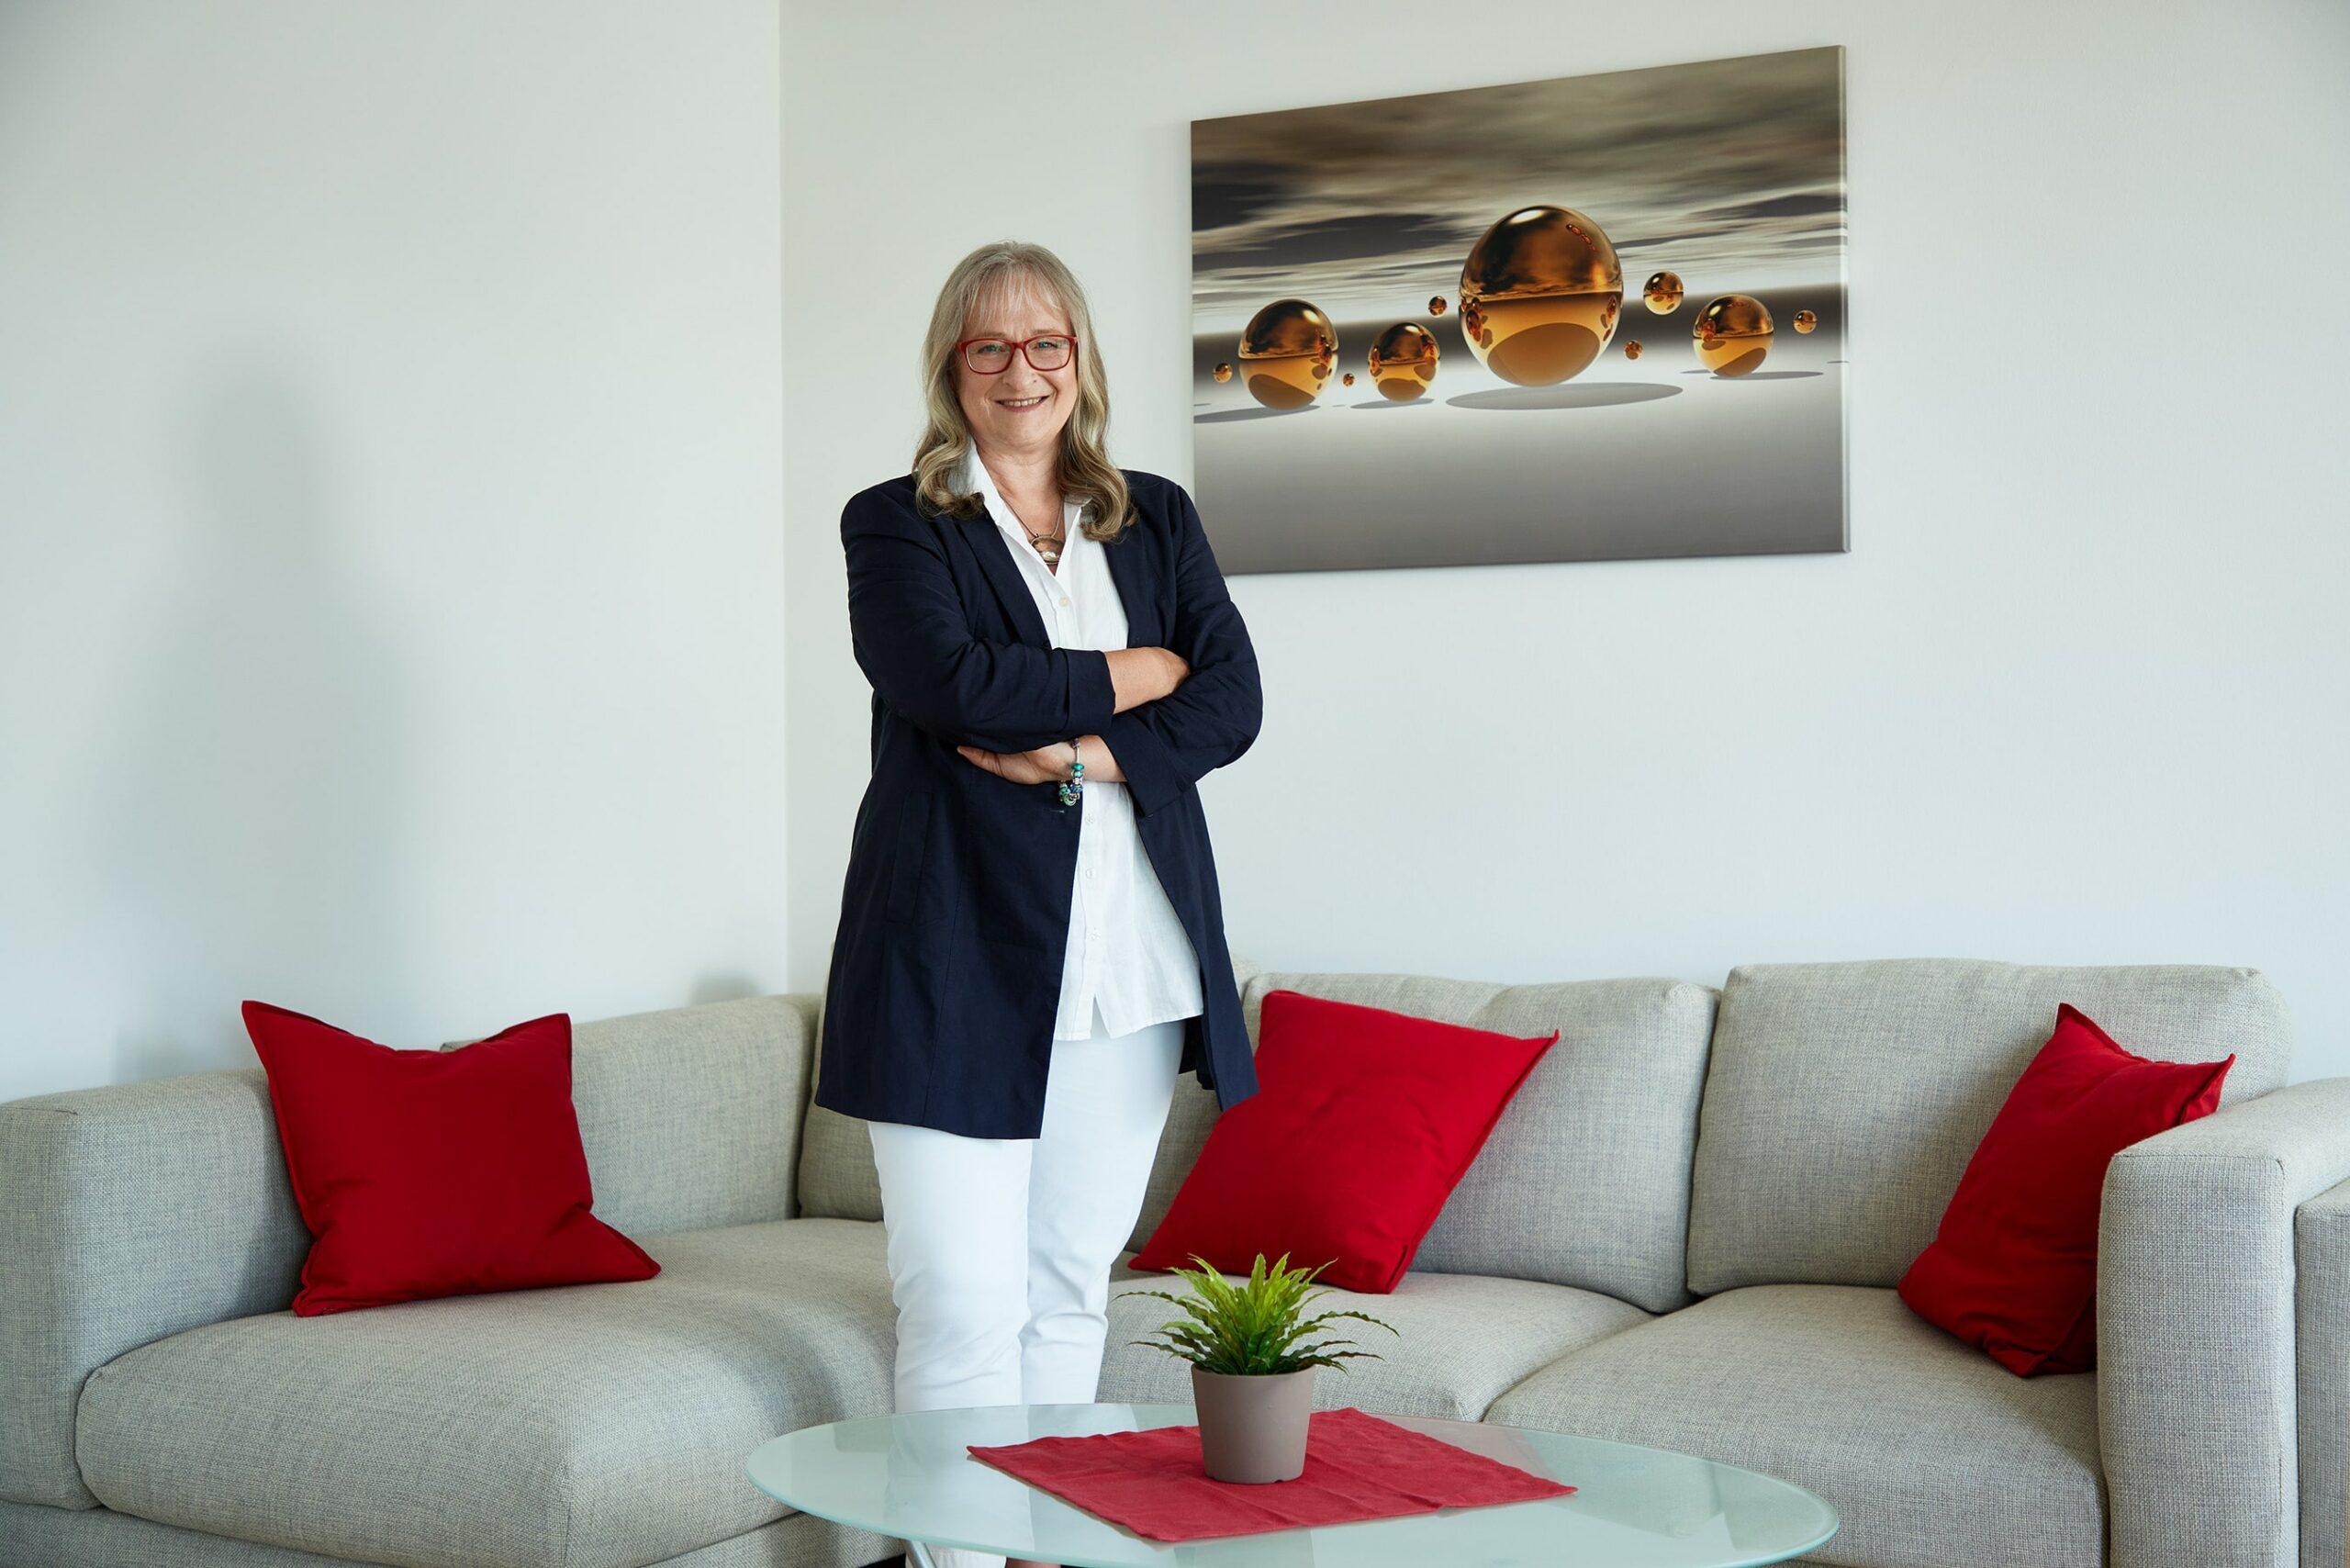 Birgid Eberhardt ist Projektleiterin bei ForeSight. Sie verantwortet das Teilprojekt 5 Erprobungsumgebungen.